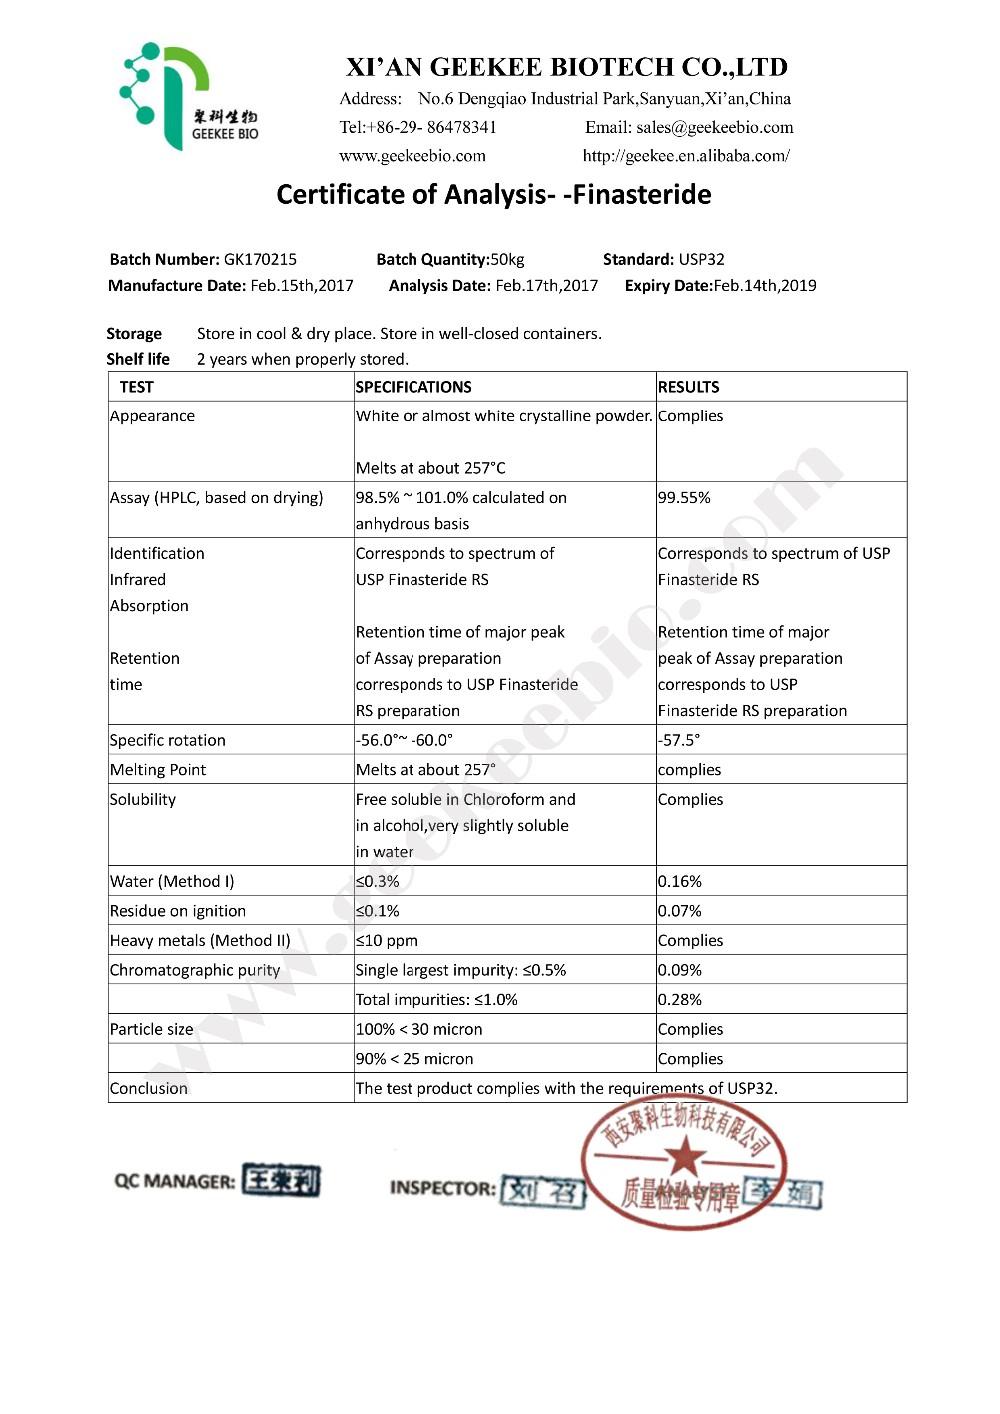 Perawatan Rambut Rontok Usp 99 Bubuk Kapsul Tablet 98319 26 7 Harga Finasteride Buy Finasteride Pil Finasteride Kapsul Finasteride Tablet Product On Alibaba Com